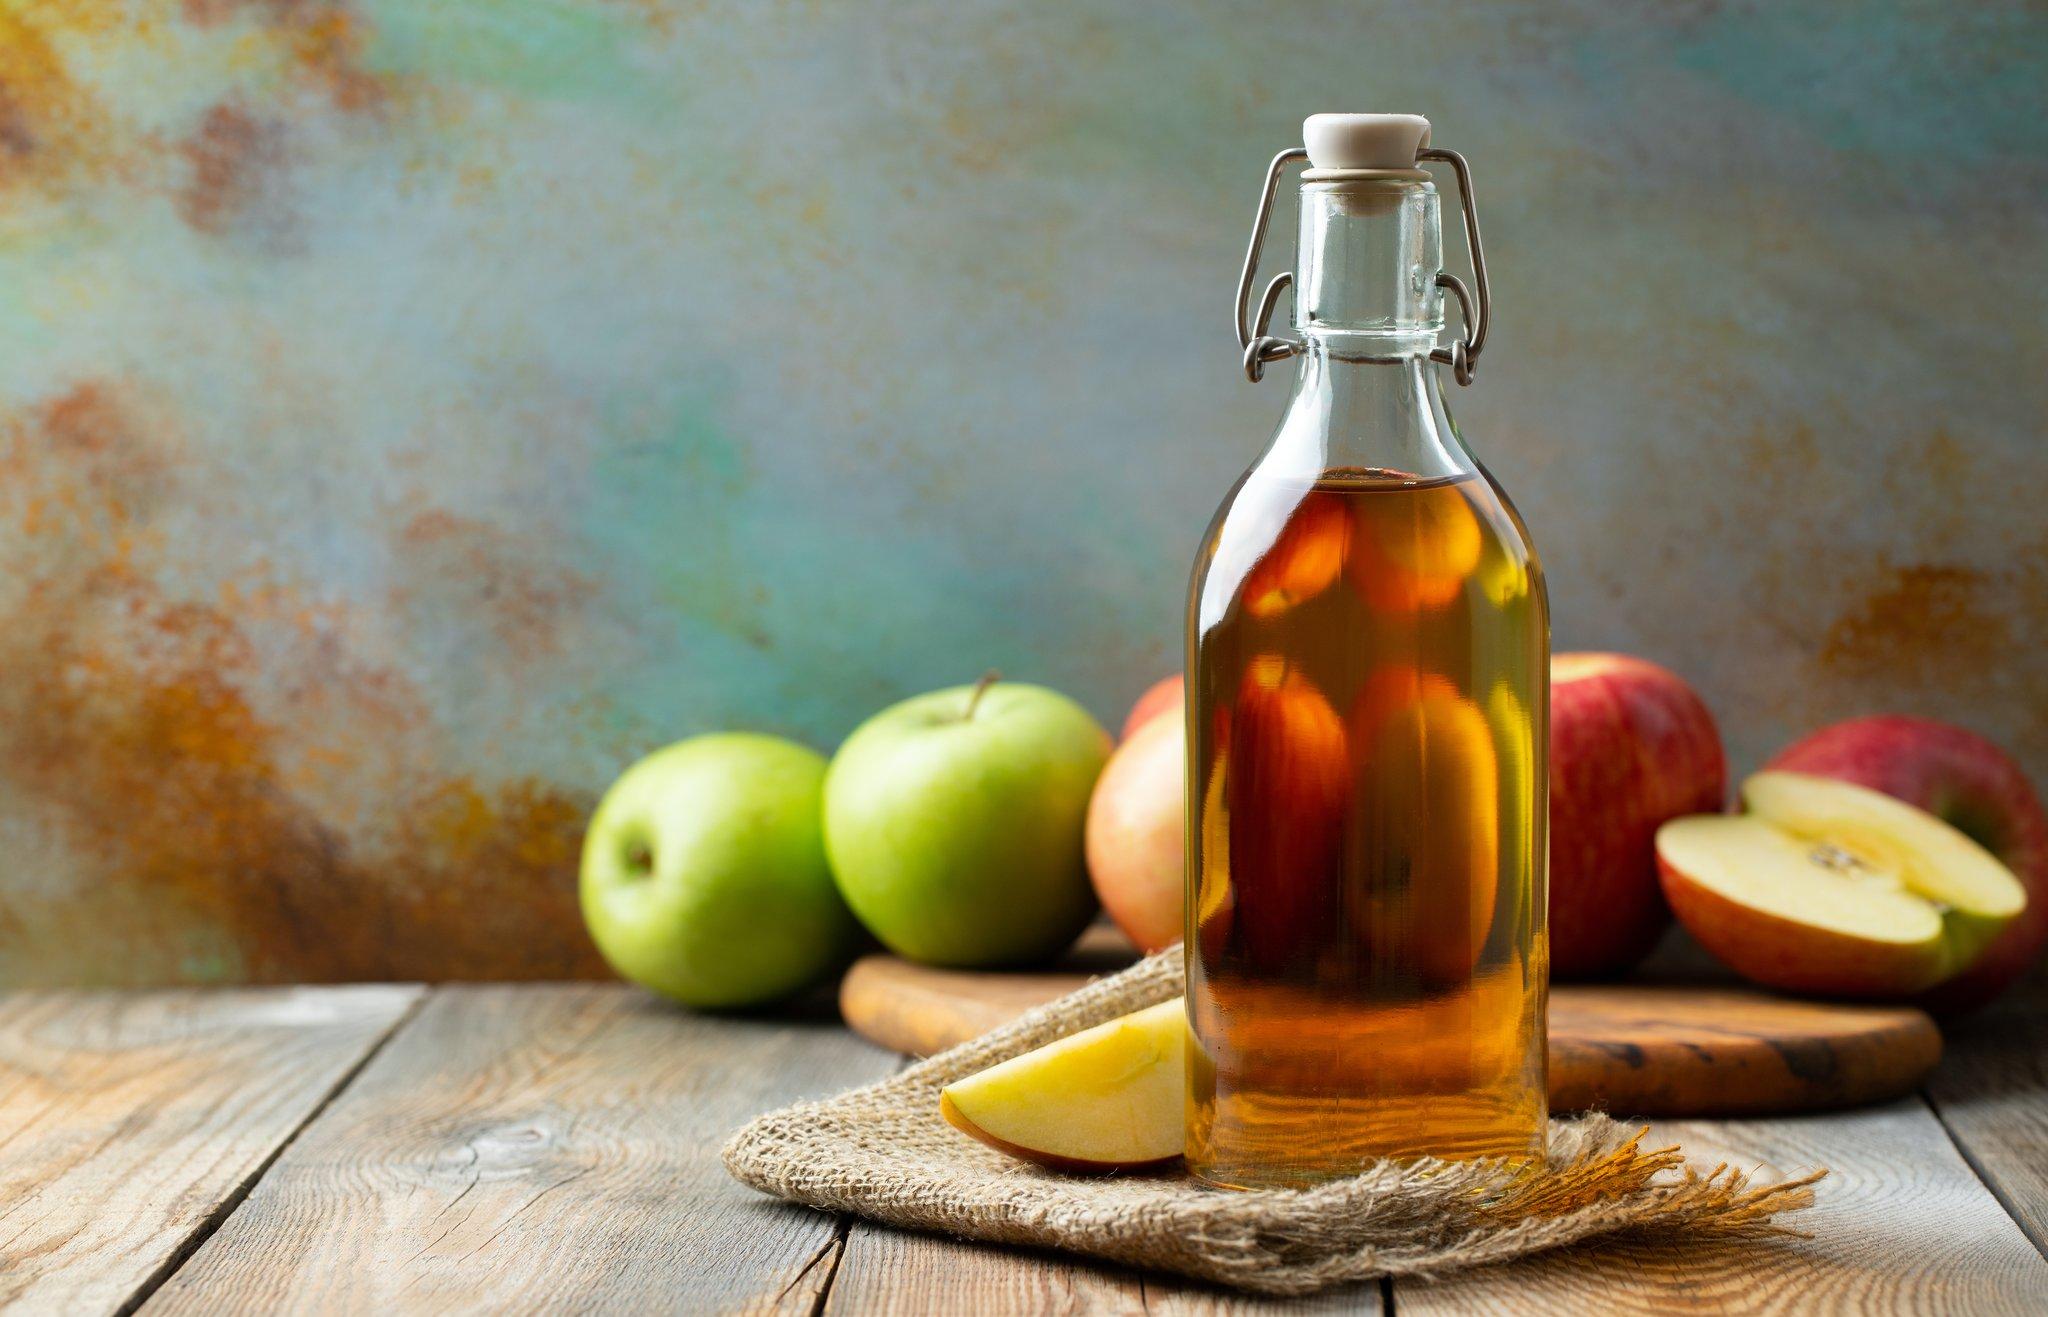 Folgen von Apfelessig zur Gewichtsreduktion